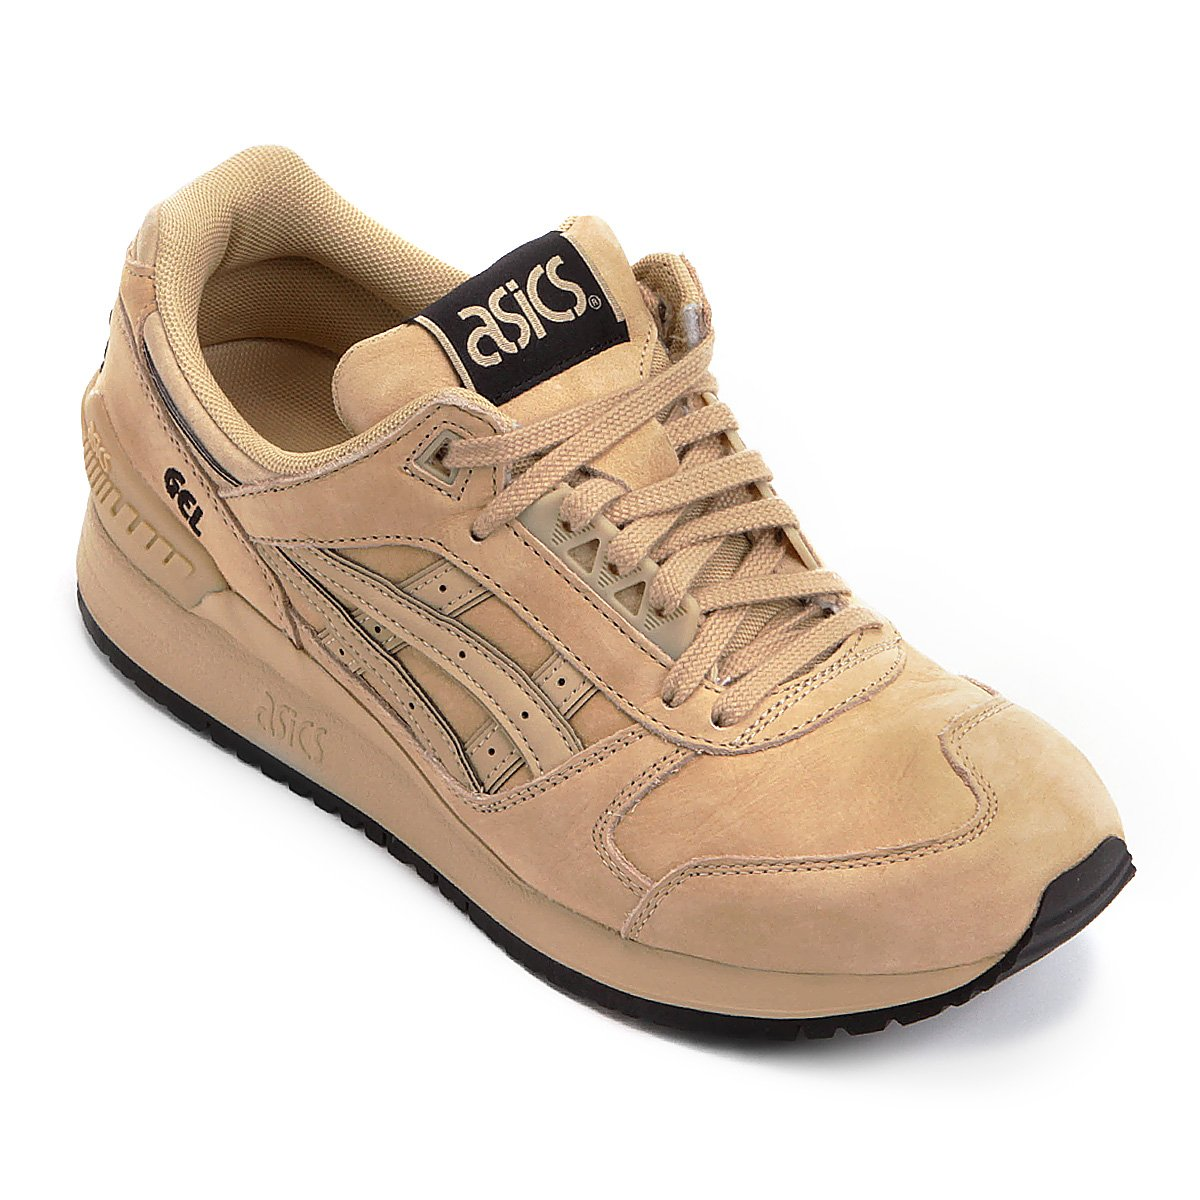 GEL-RESPECTOR - Caramelo - Compre Agora  89086cce5634f